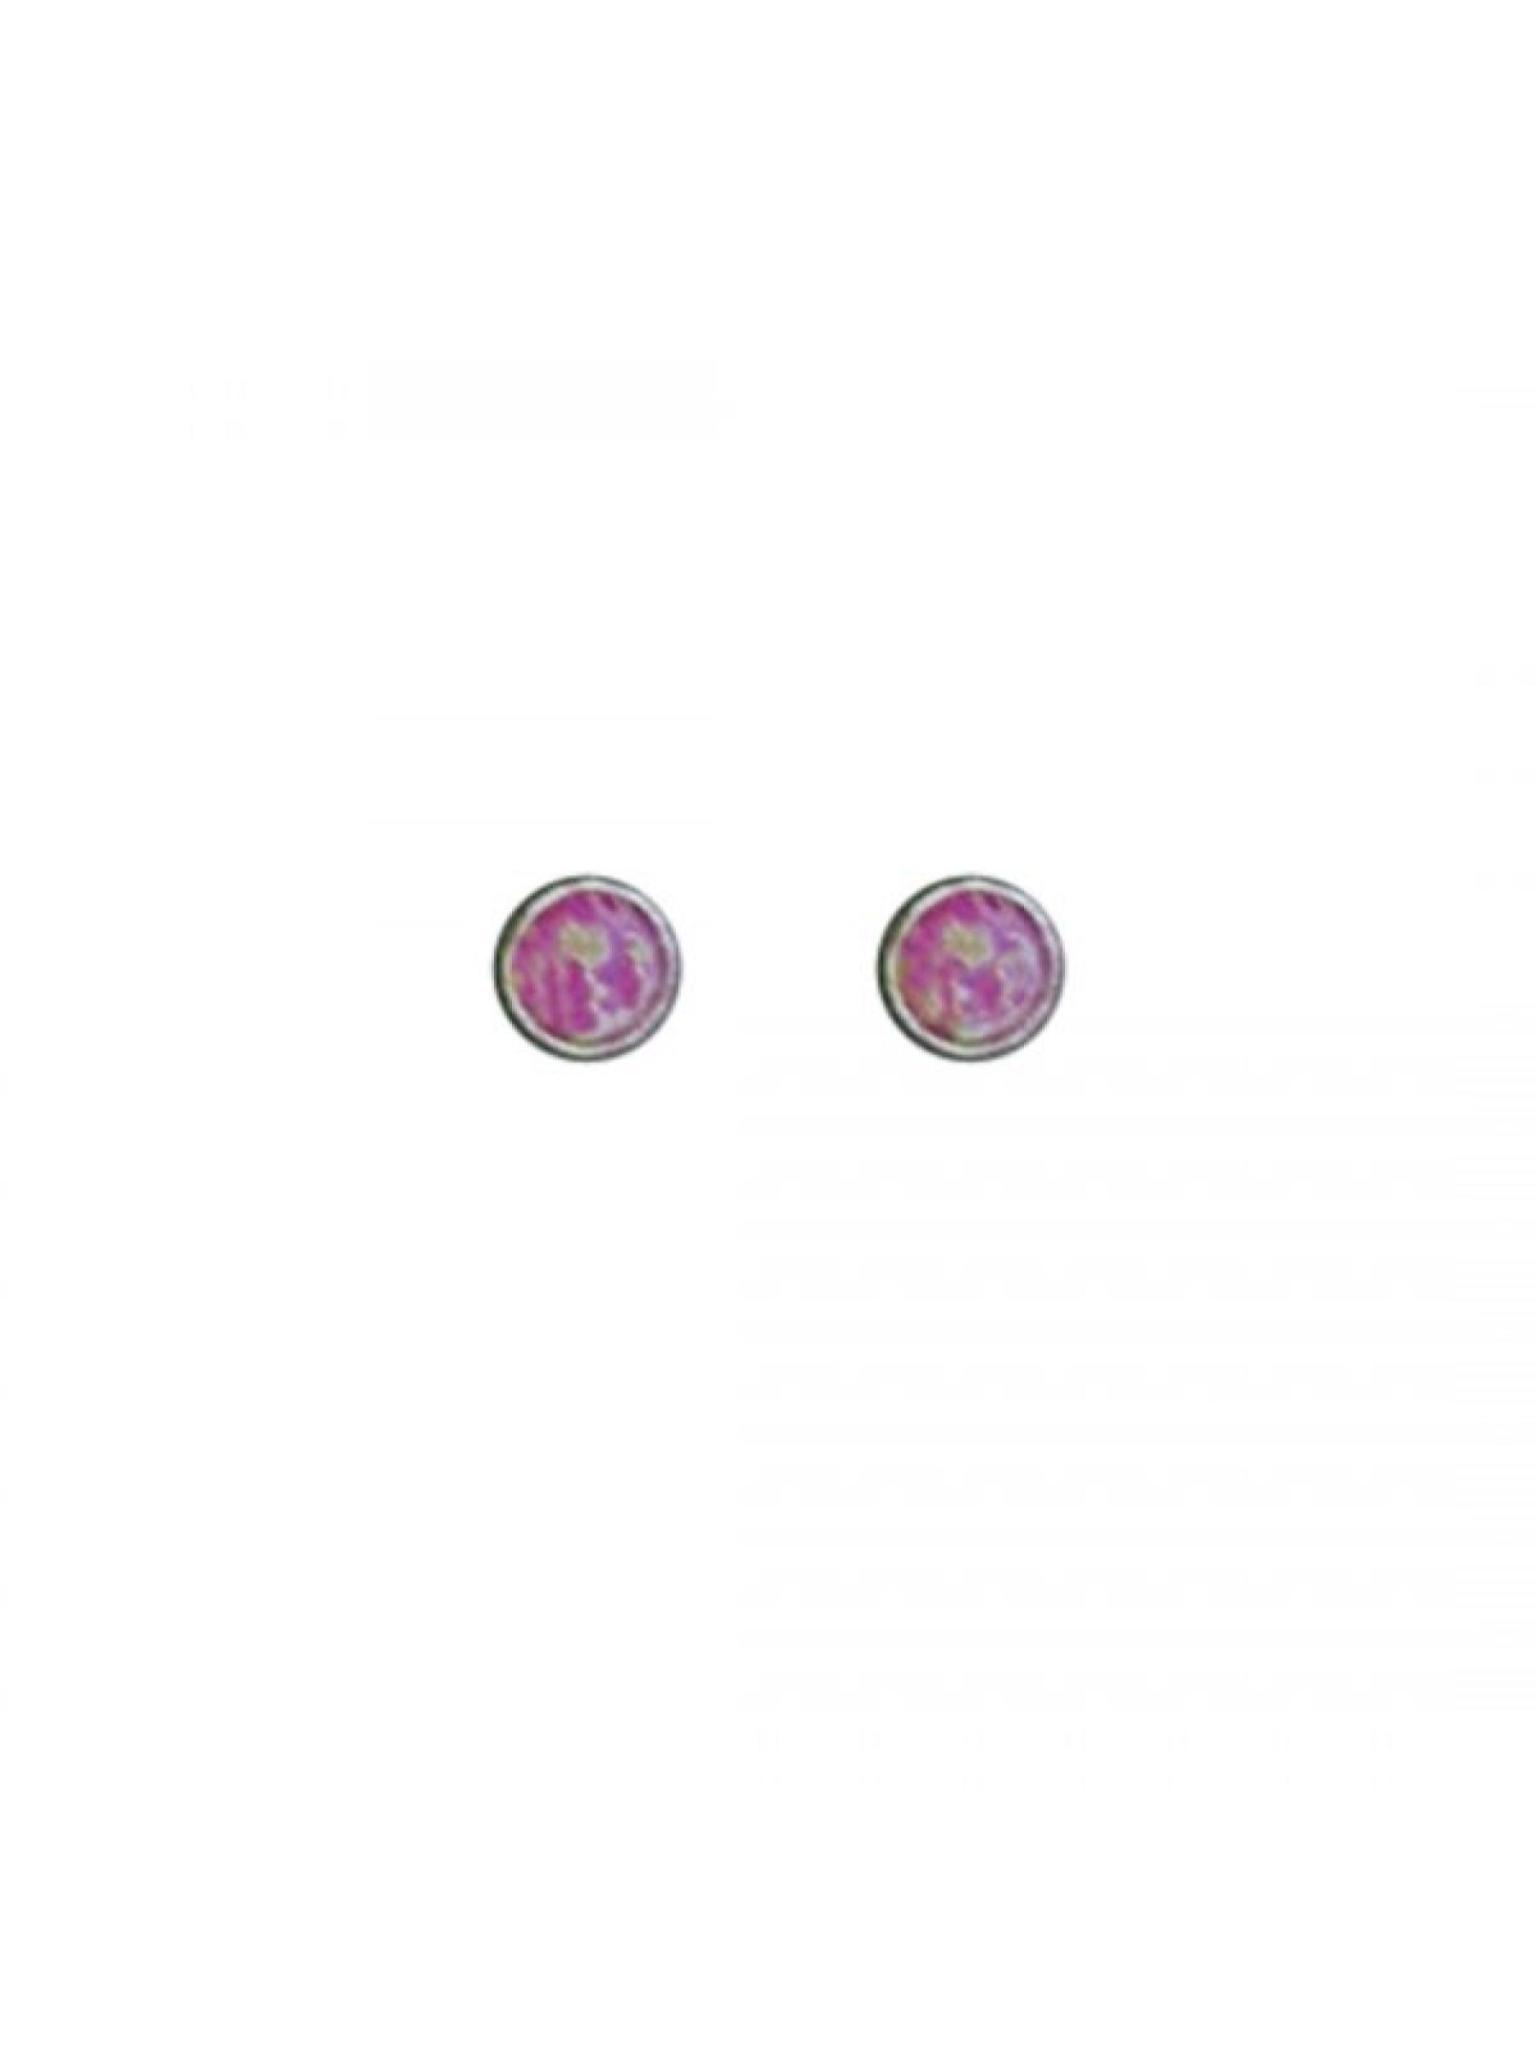 Acomo Jewelry 3mm Opal Stud Earring Opal